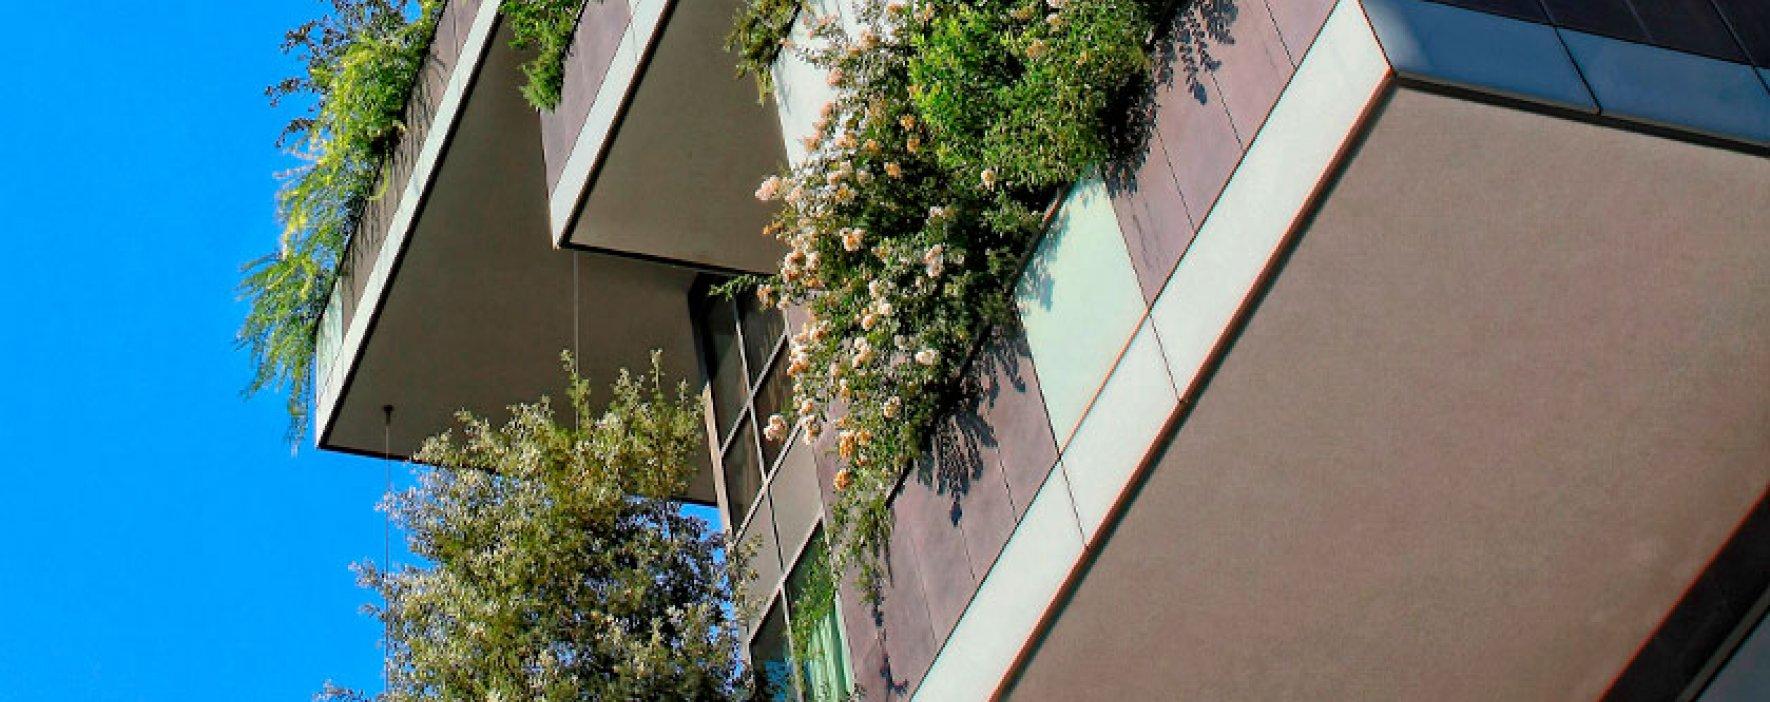 Edge Advanced, una nueva certificación que le apuesta a la construcción sostenible